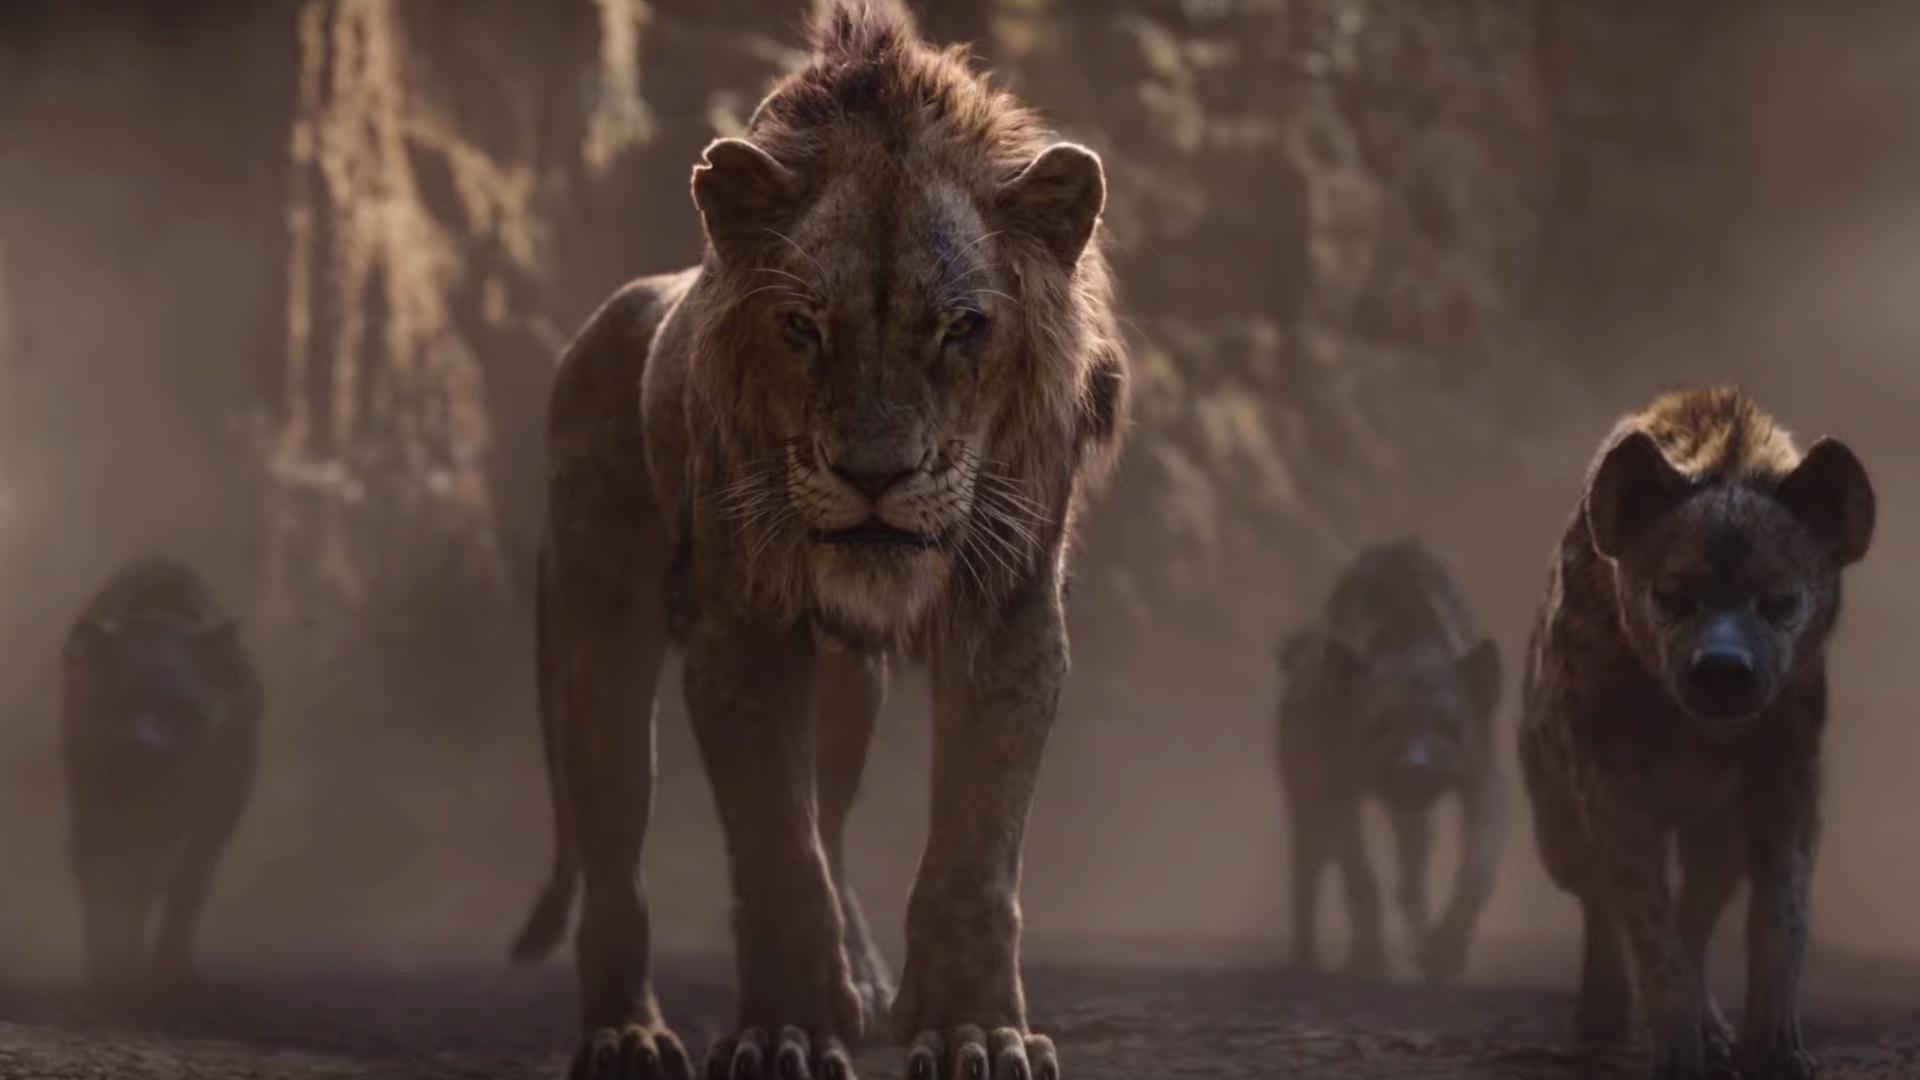 Disney Releases Visually Stunning New Trailer For Jon